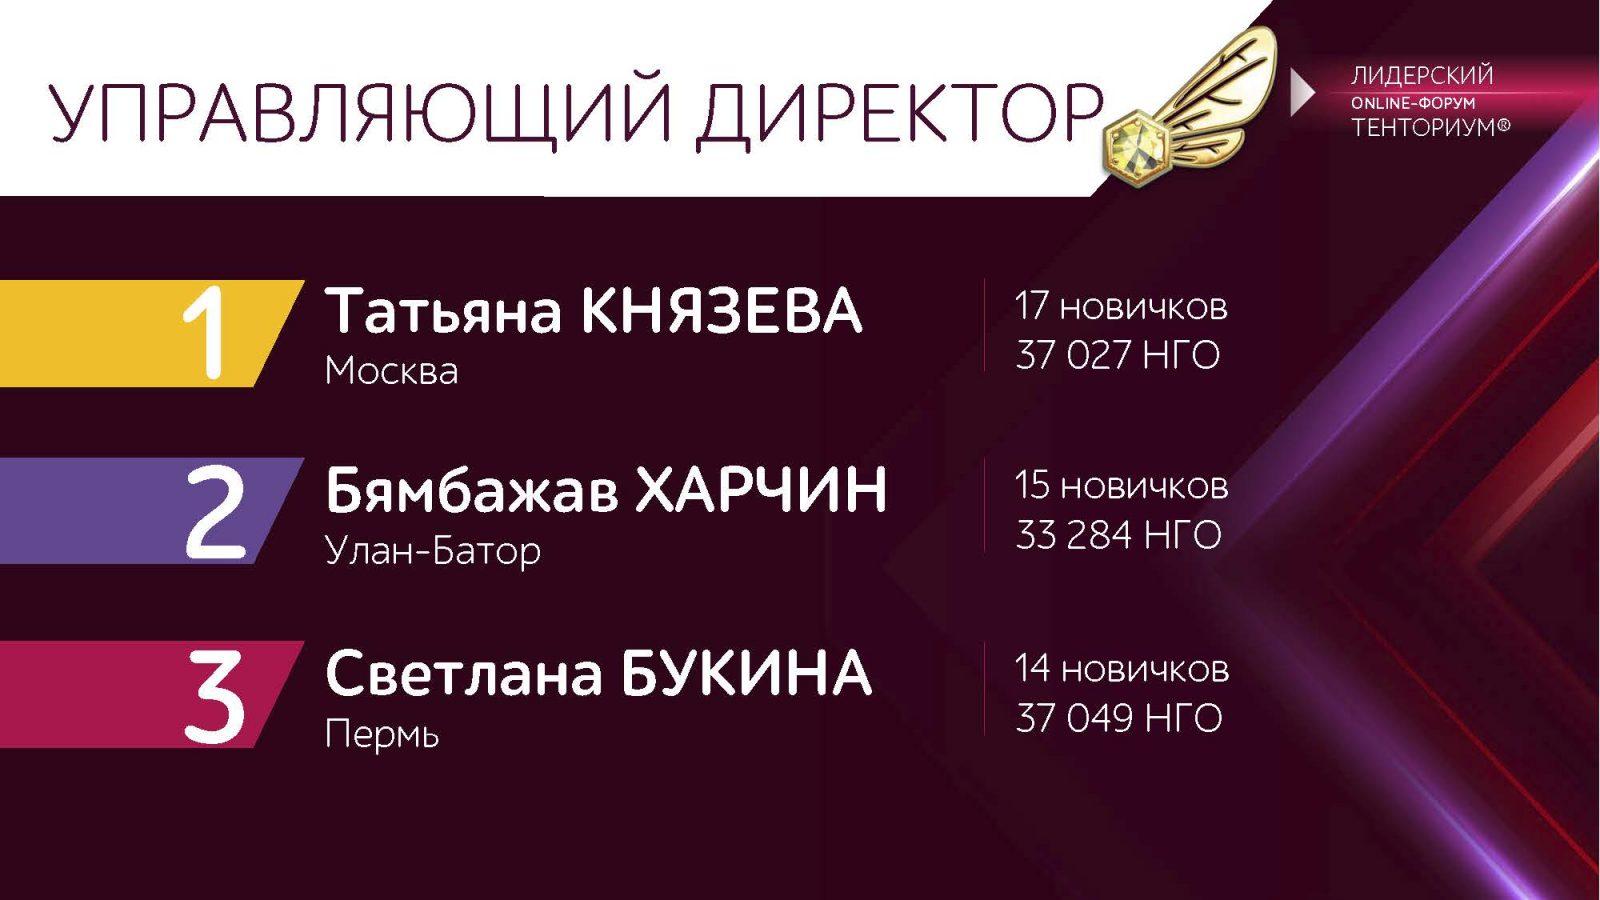 LF-2020-Luchshij-Distribyutor-po-lichnomu-podpisaniyu-2_Stranitsa_5